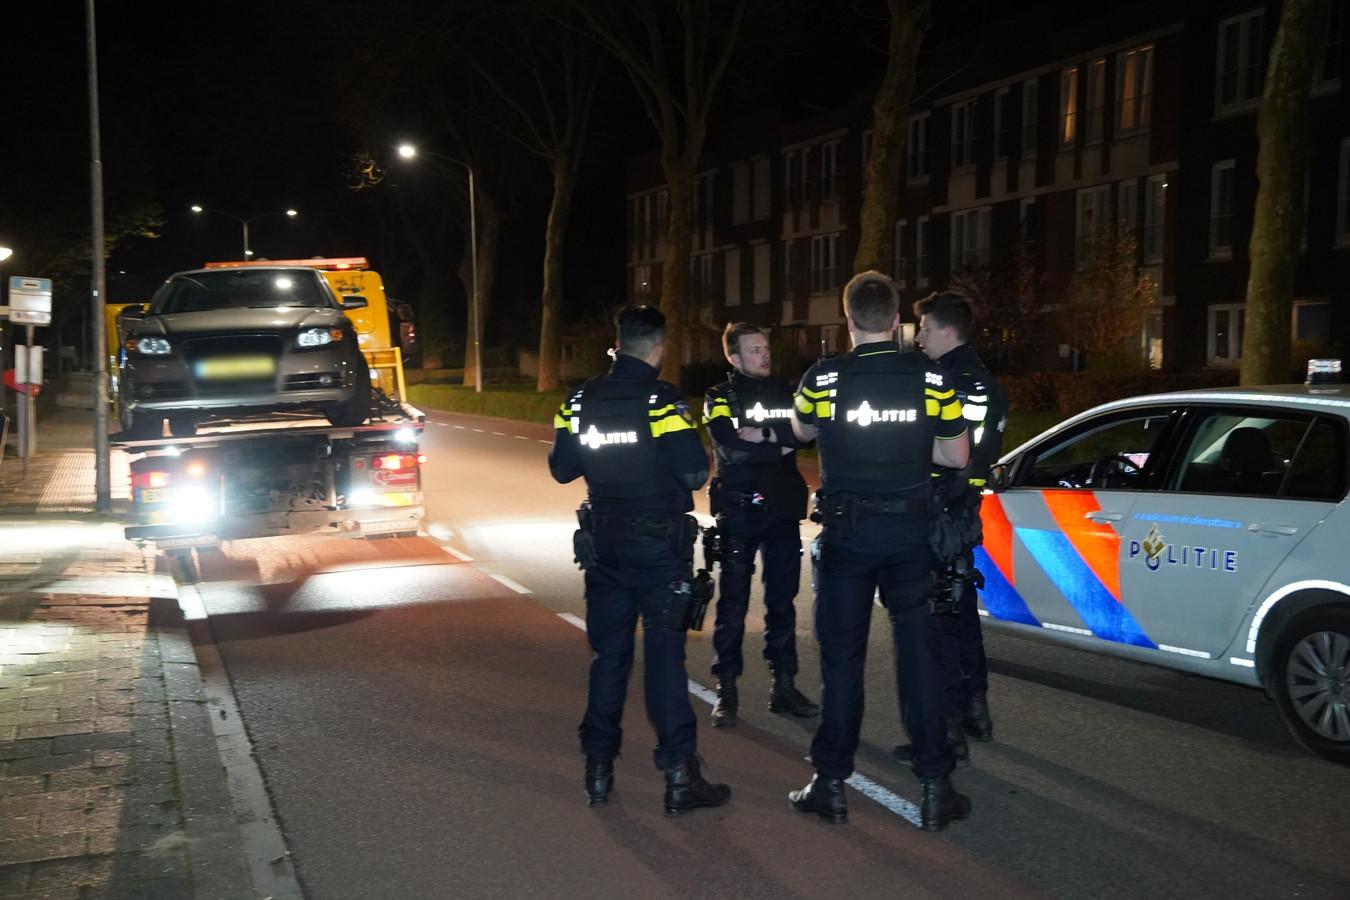 Veel politie in Zevenaar na een gewapende overval. De auto van het slachtoffer is door de politie meegenomen.